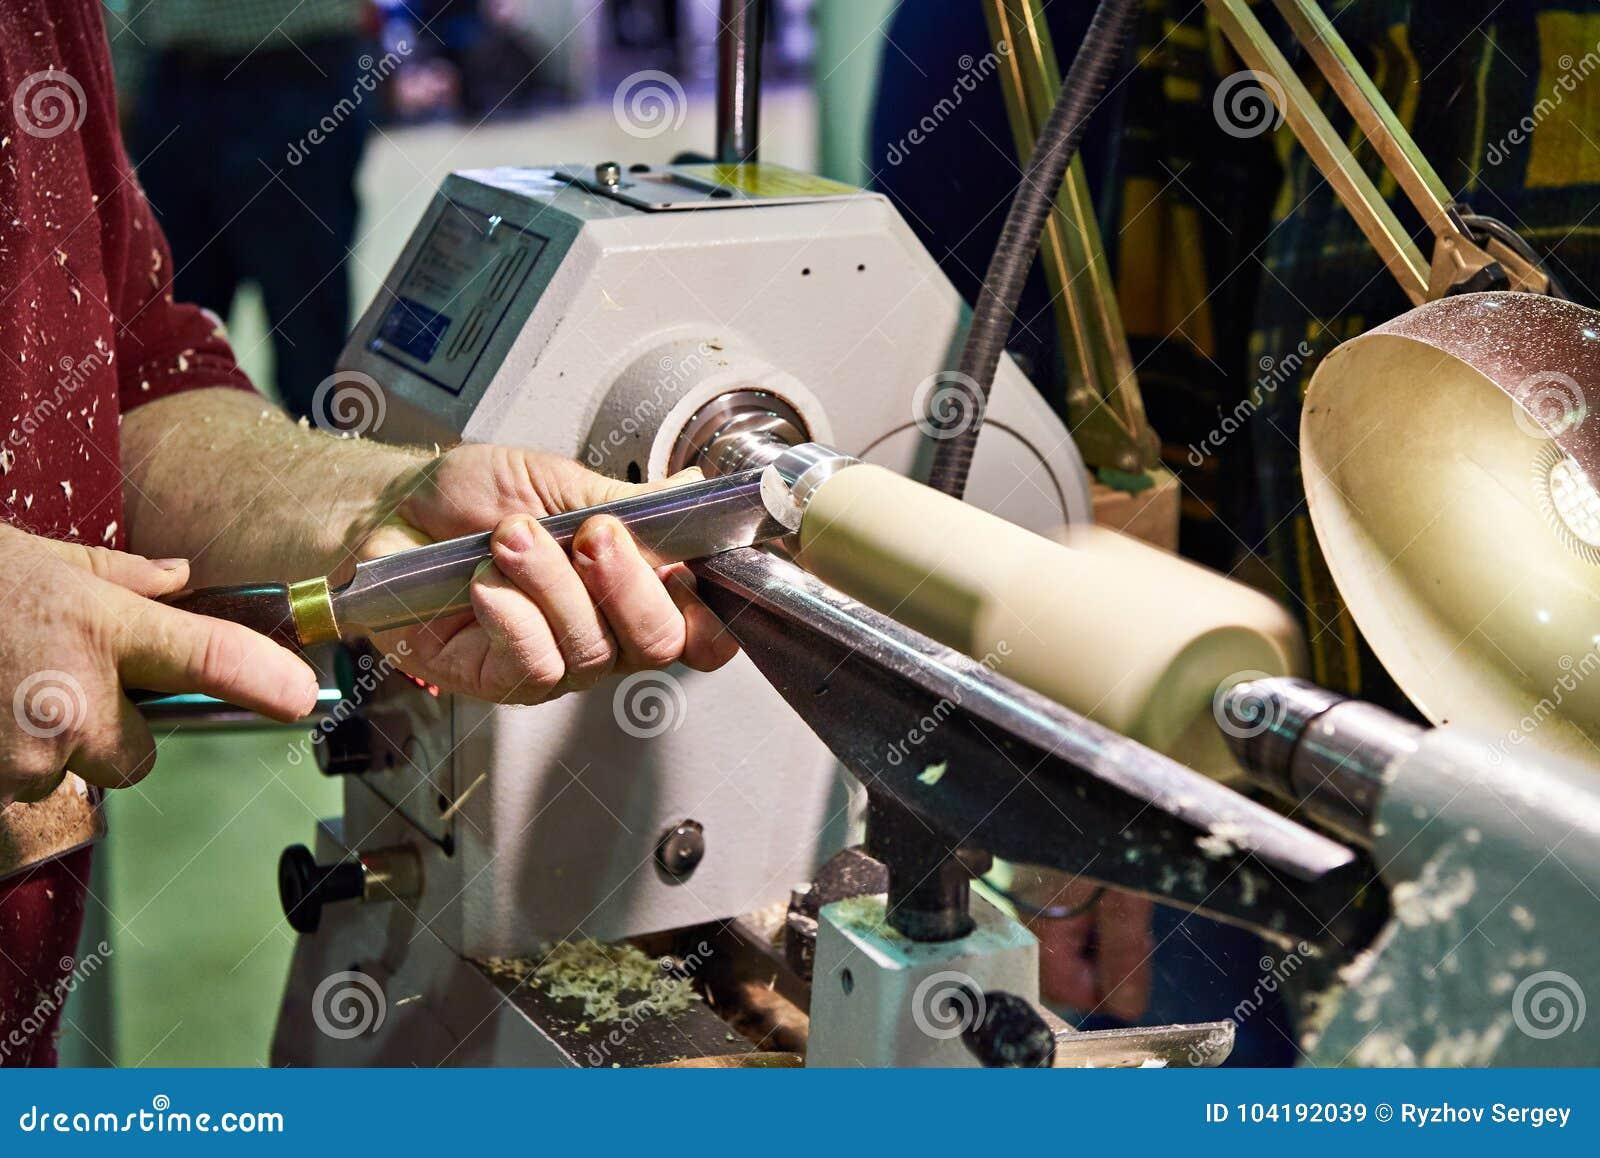 Woodworking On Lathe Stock Image Image Of Woodturning 104192039